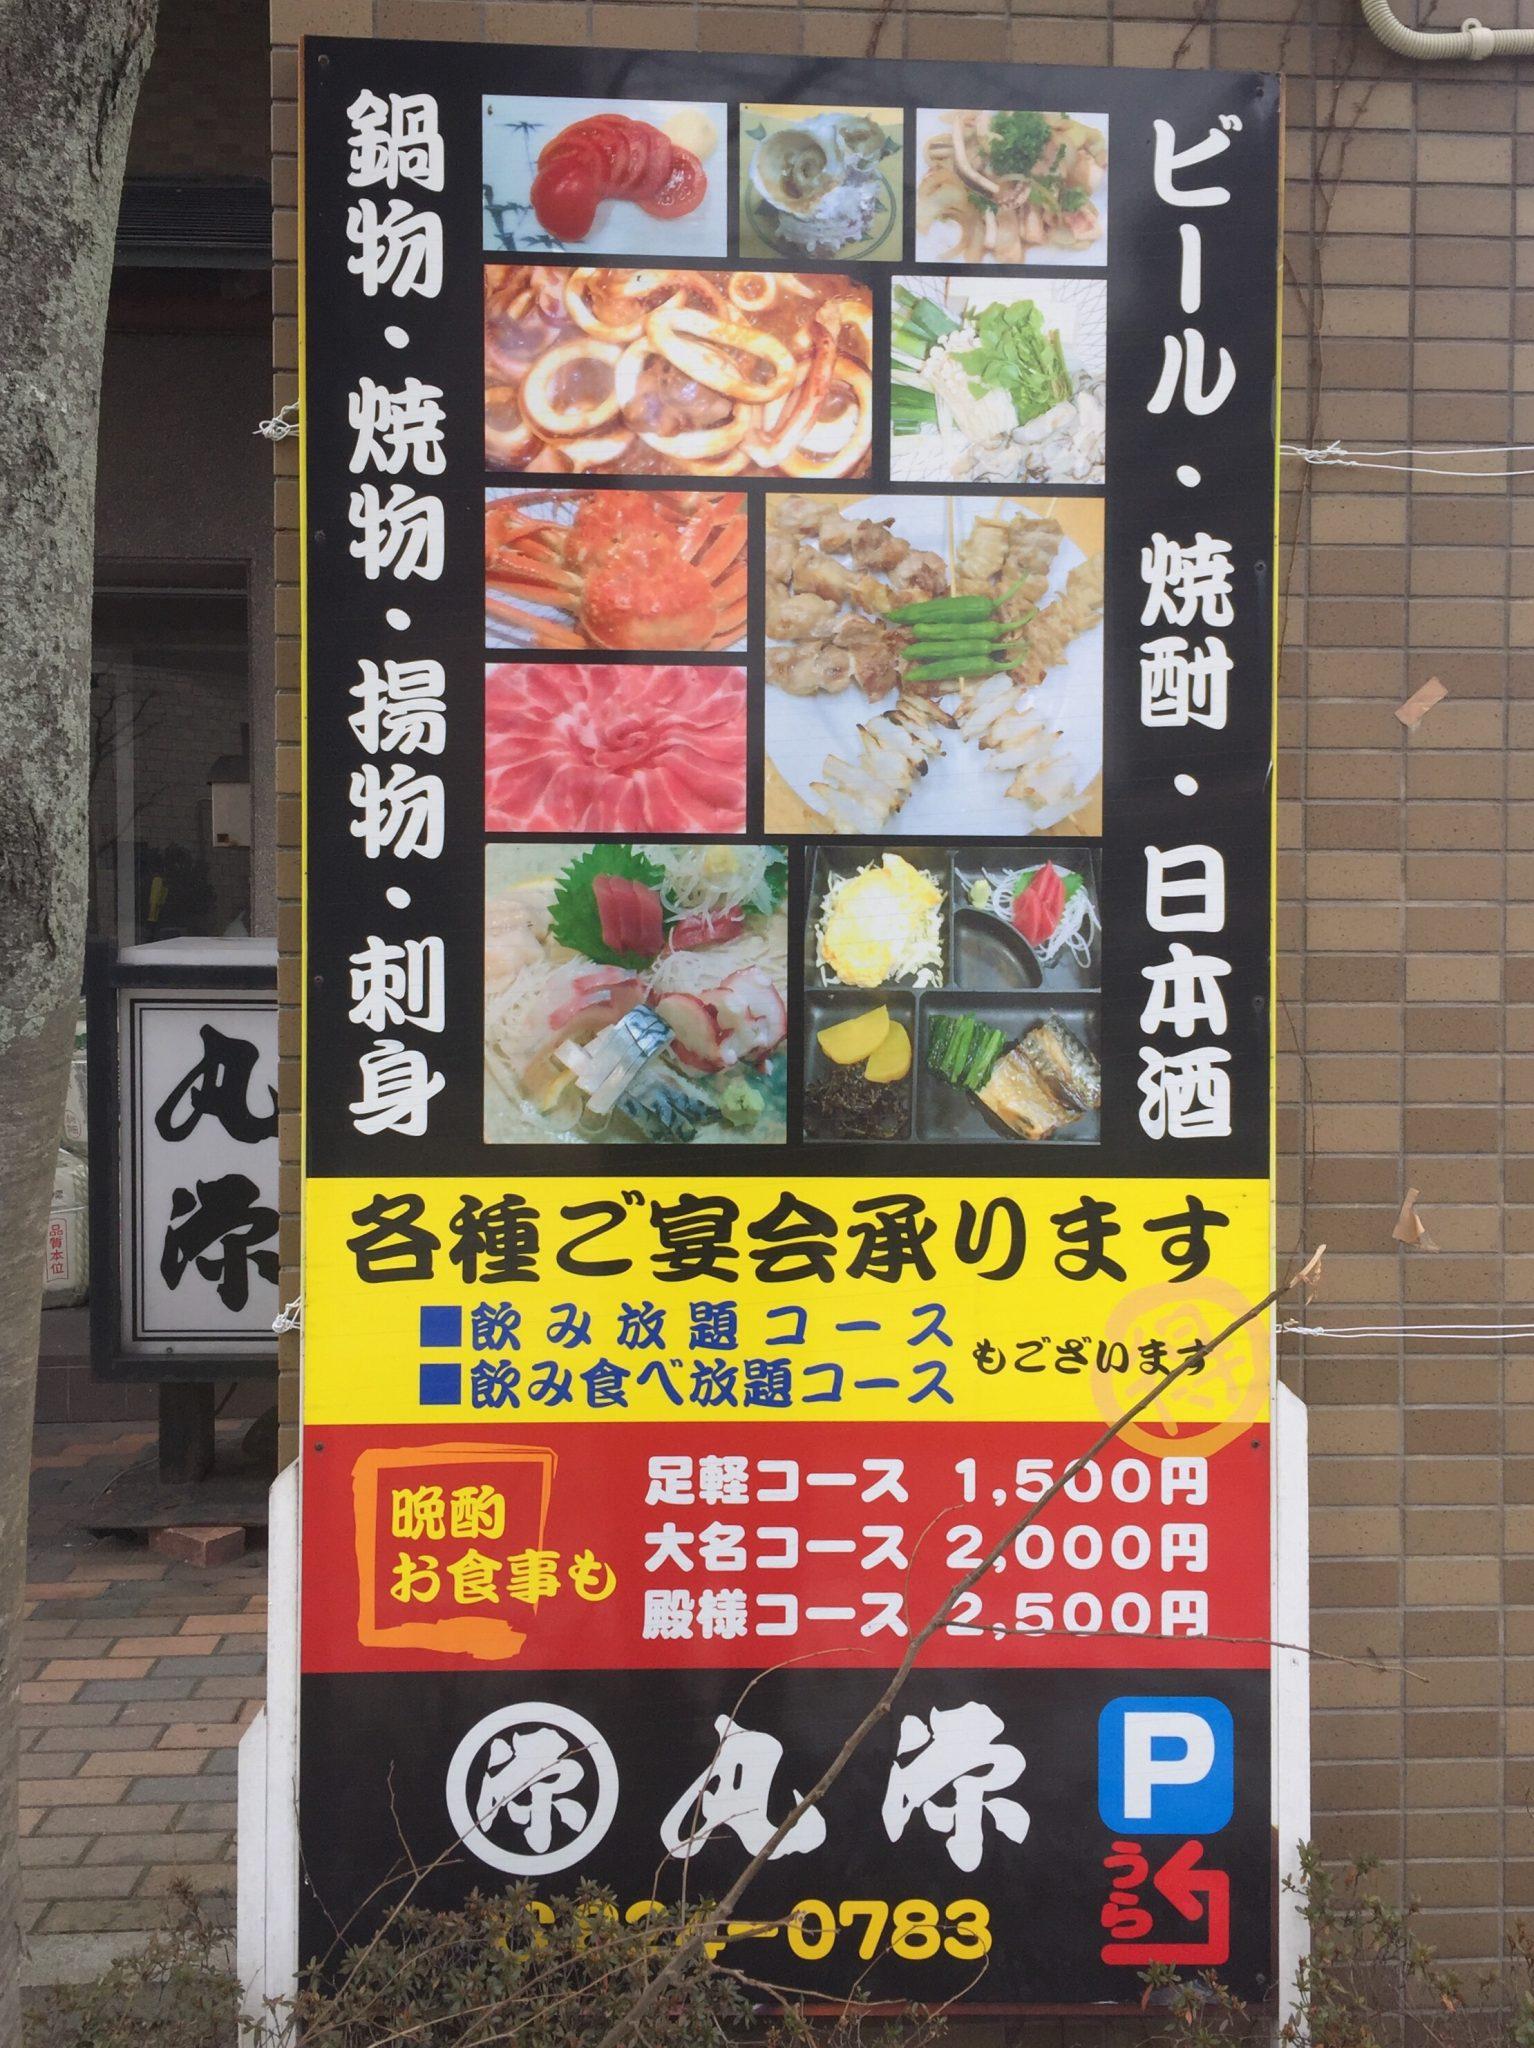 丸源食堂 宴会 コース 看板